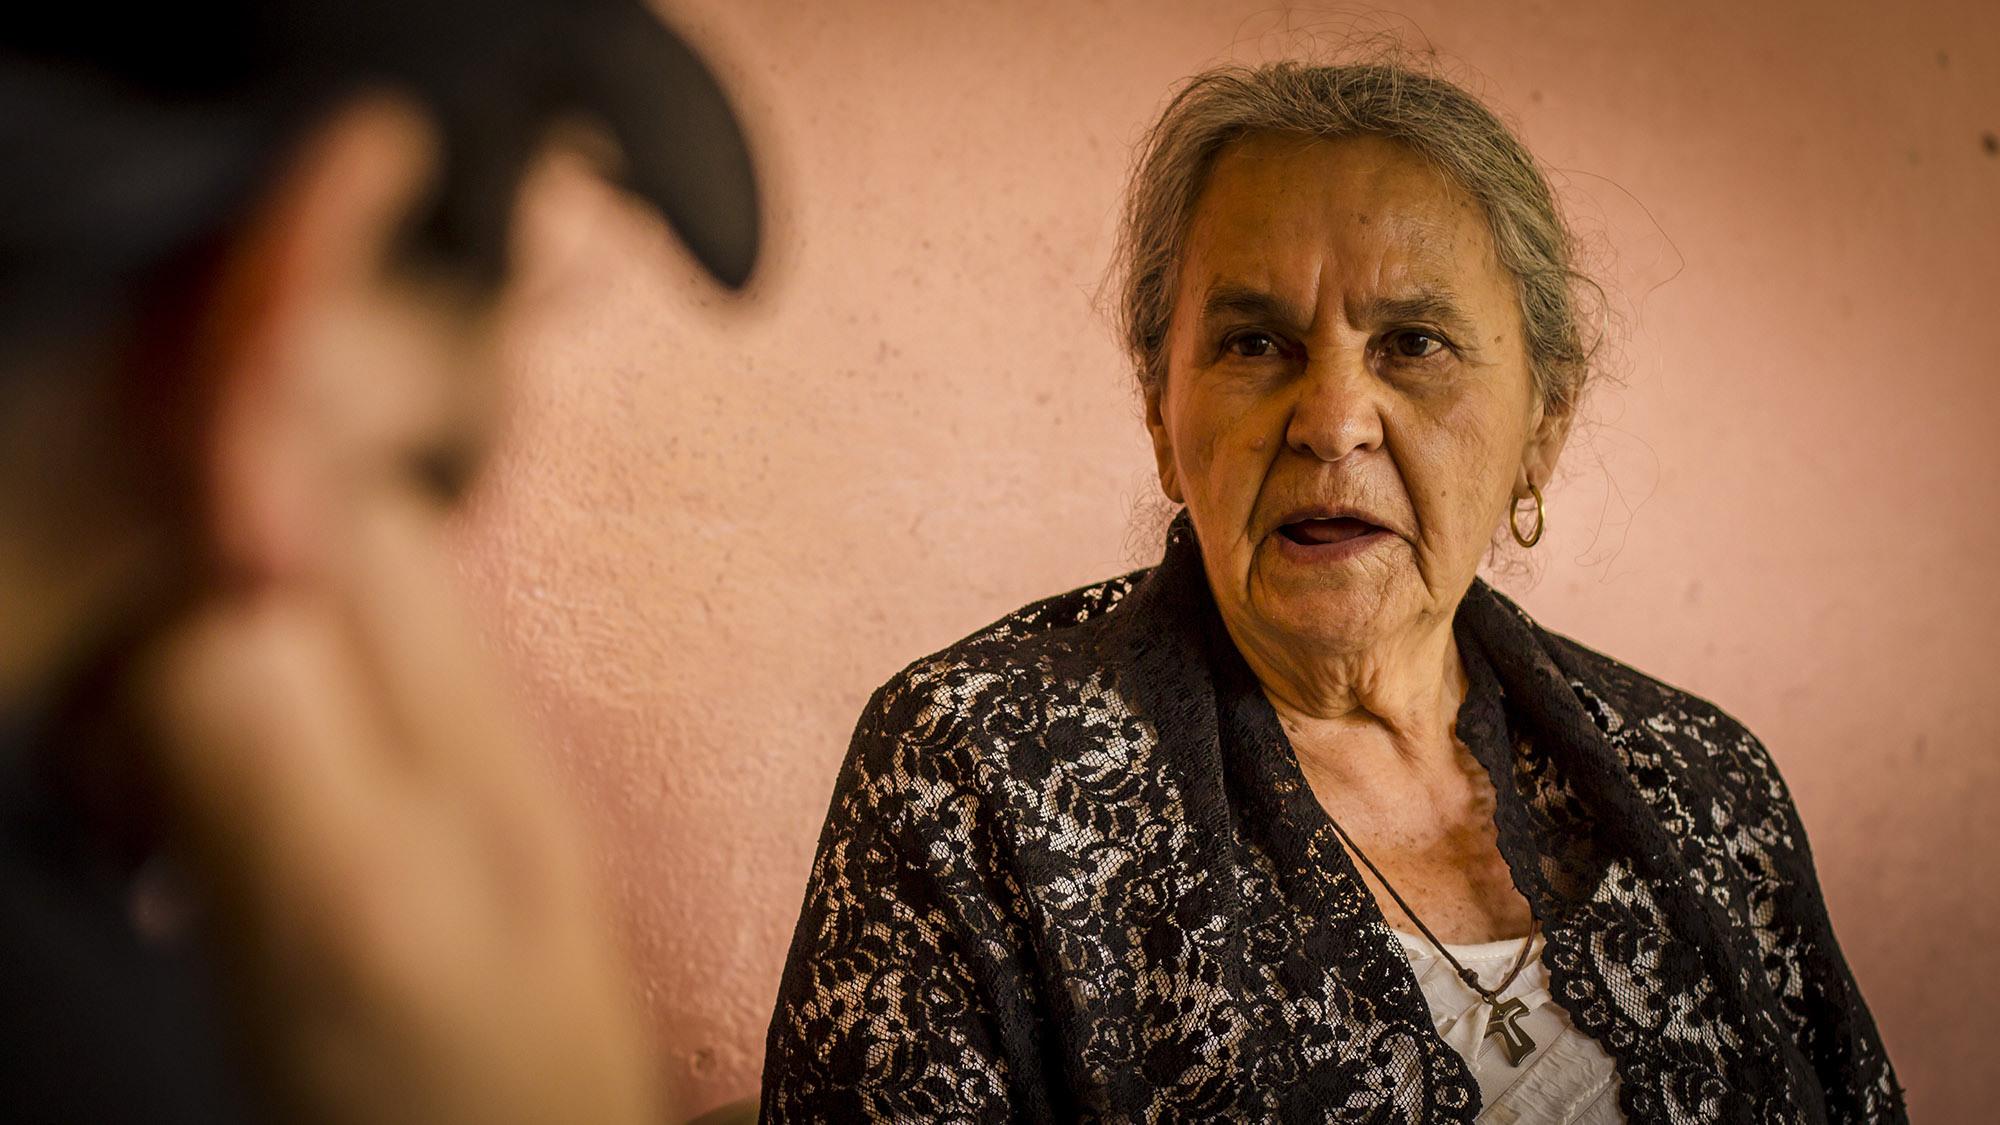 Austra Bertha Flores López, madre de Bertha Cáceres, una de las ambientalistas hondureñas asesinados en marzo de 2016, abrio sus puertas a FACTUM en su casa en La Esperanza y nos dijo; ''Nunca me imaginé enterrar a mi hija el mismo día de su cumpleaños''. Foto FACTUM/Salvador MELENDEZ